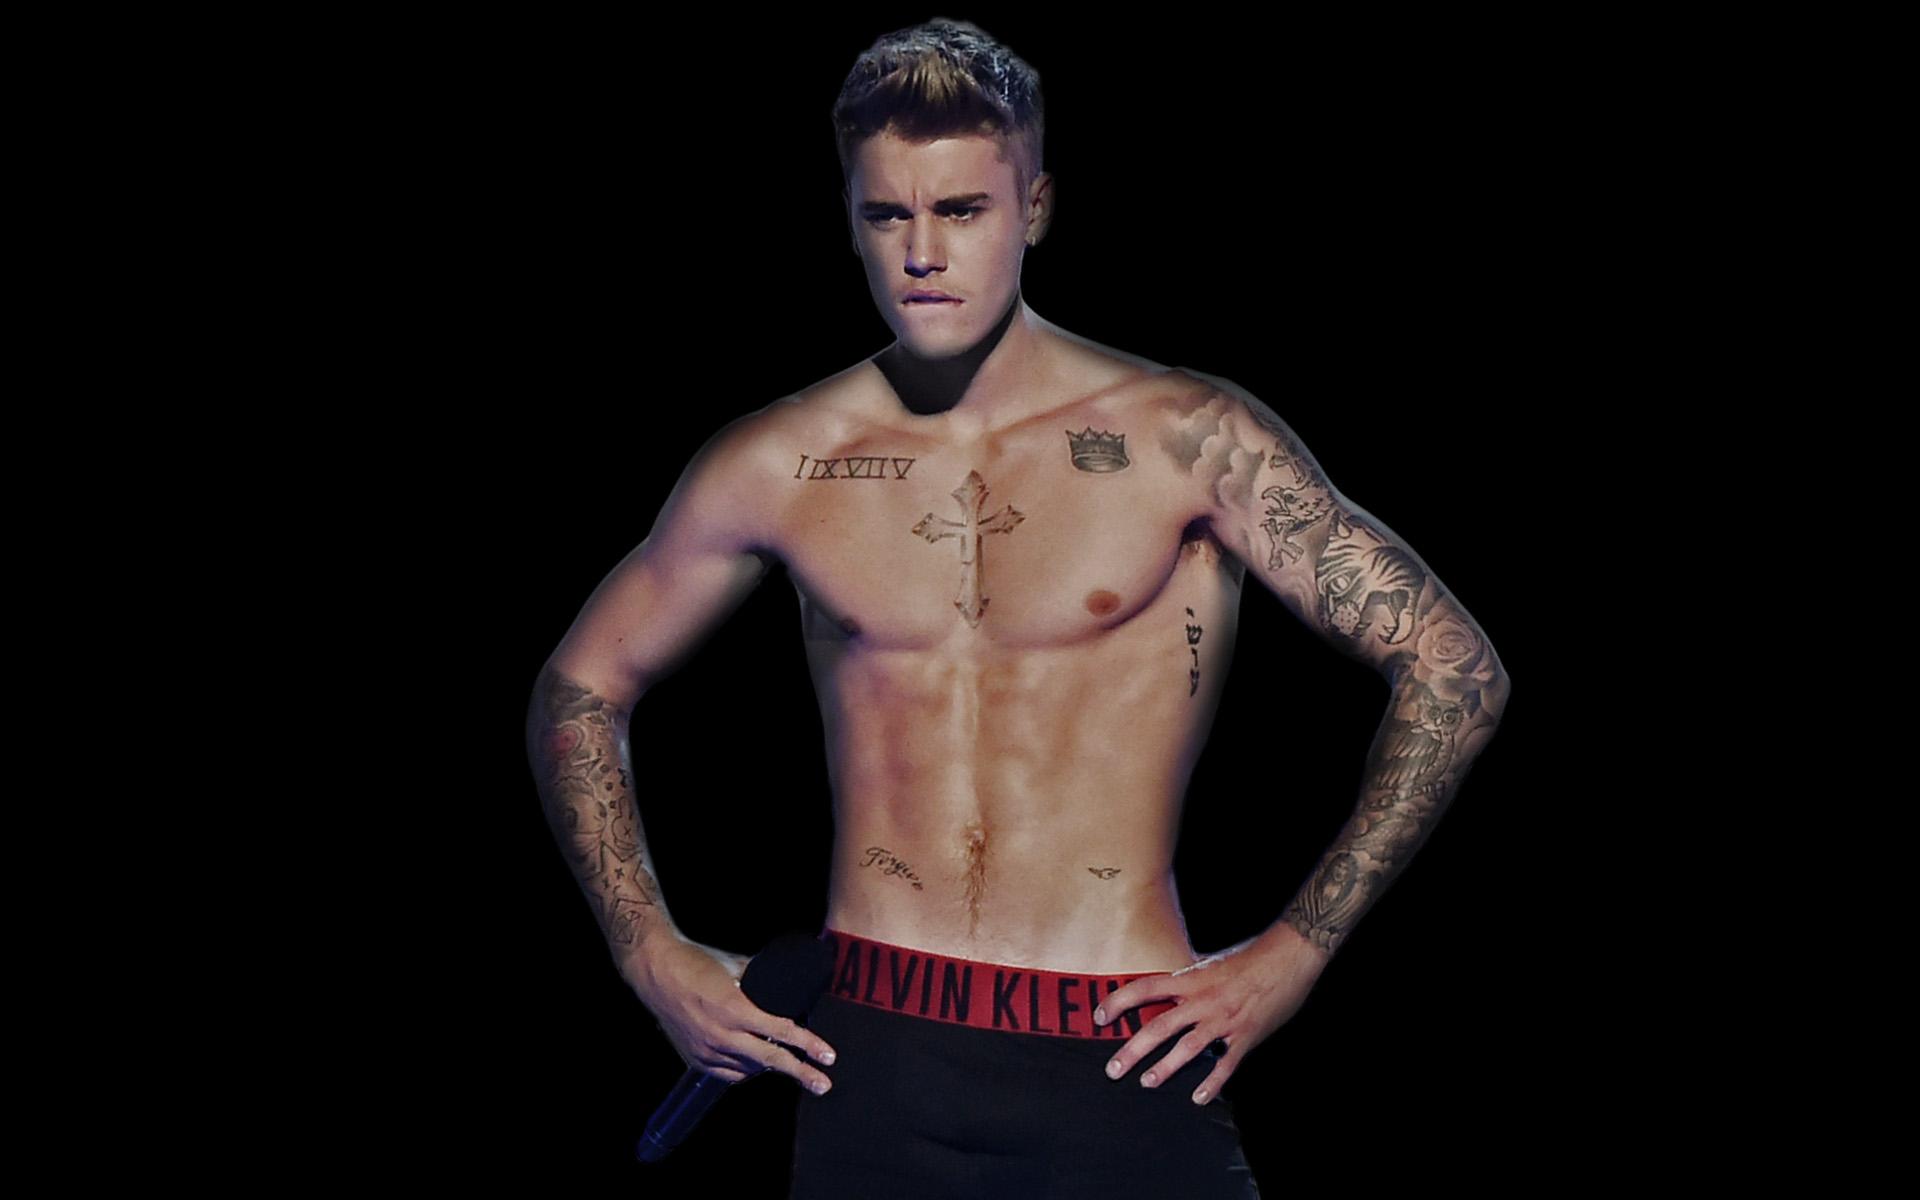 Justin Bieber Muscle Body   justin bieber muscle body 2014 haircut 1920x1200